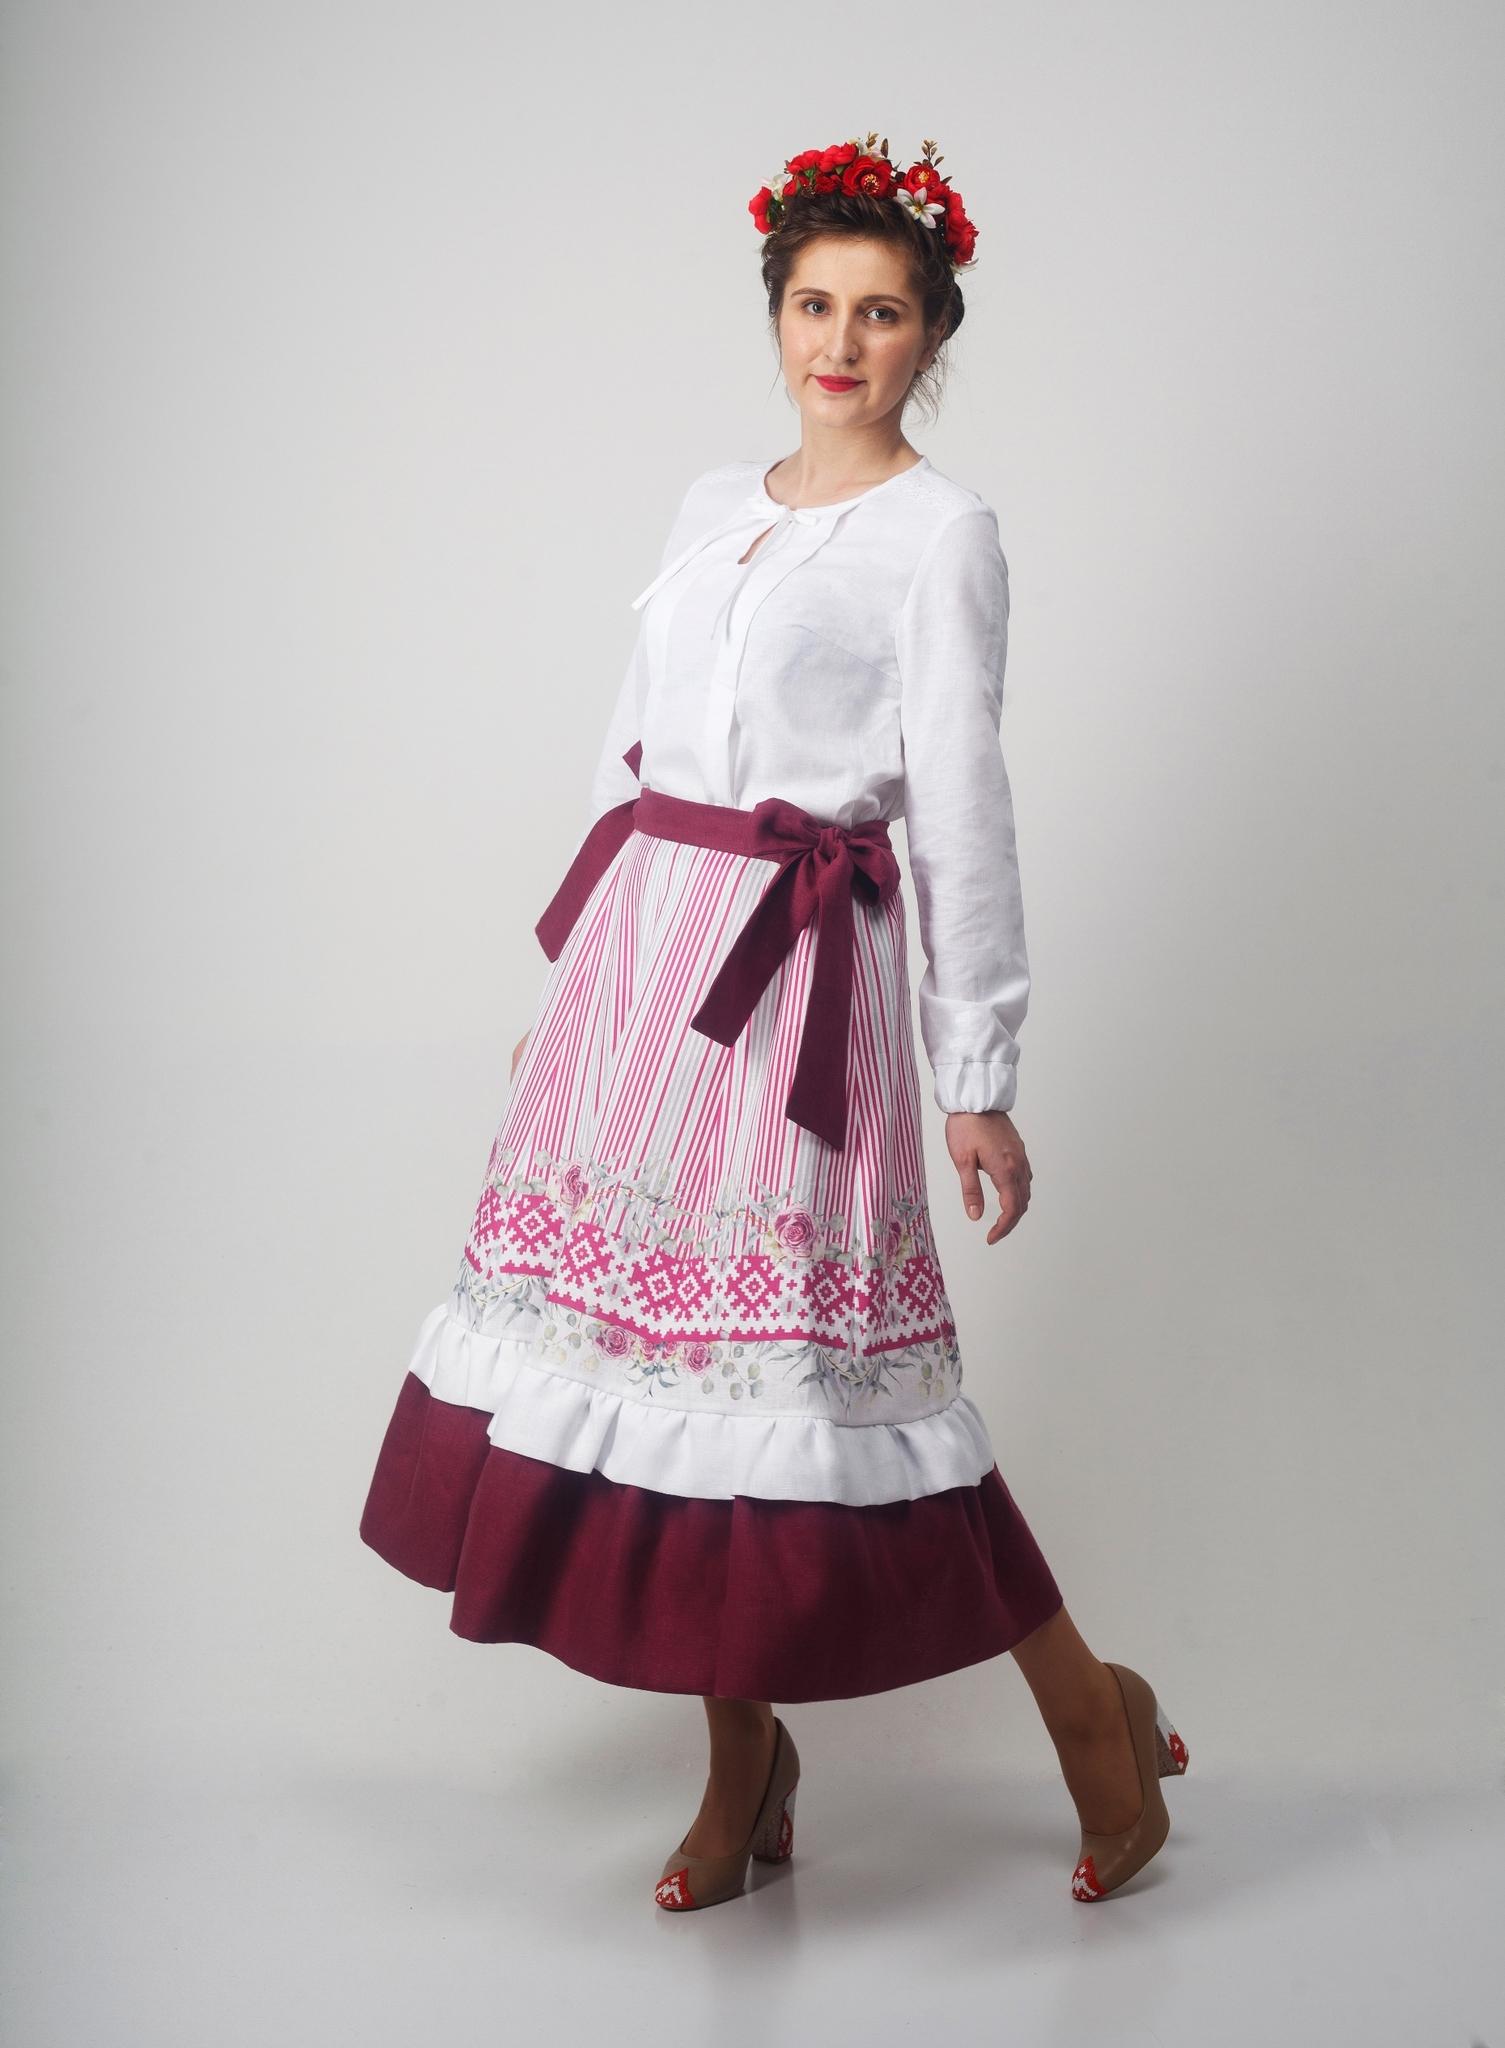 Юбка Хозяйка тайги 03 с блузкой белой